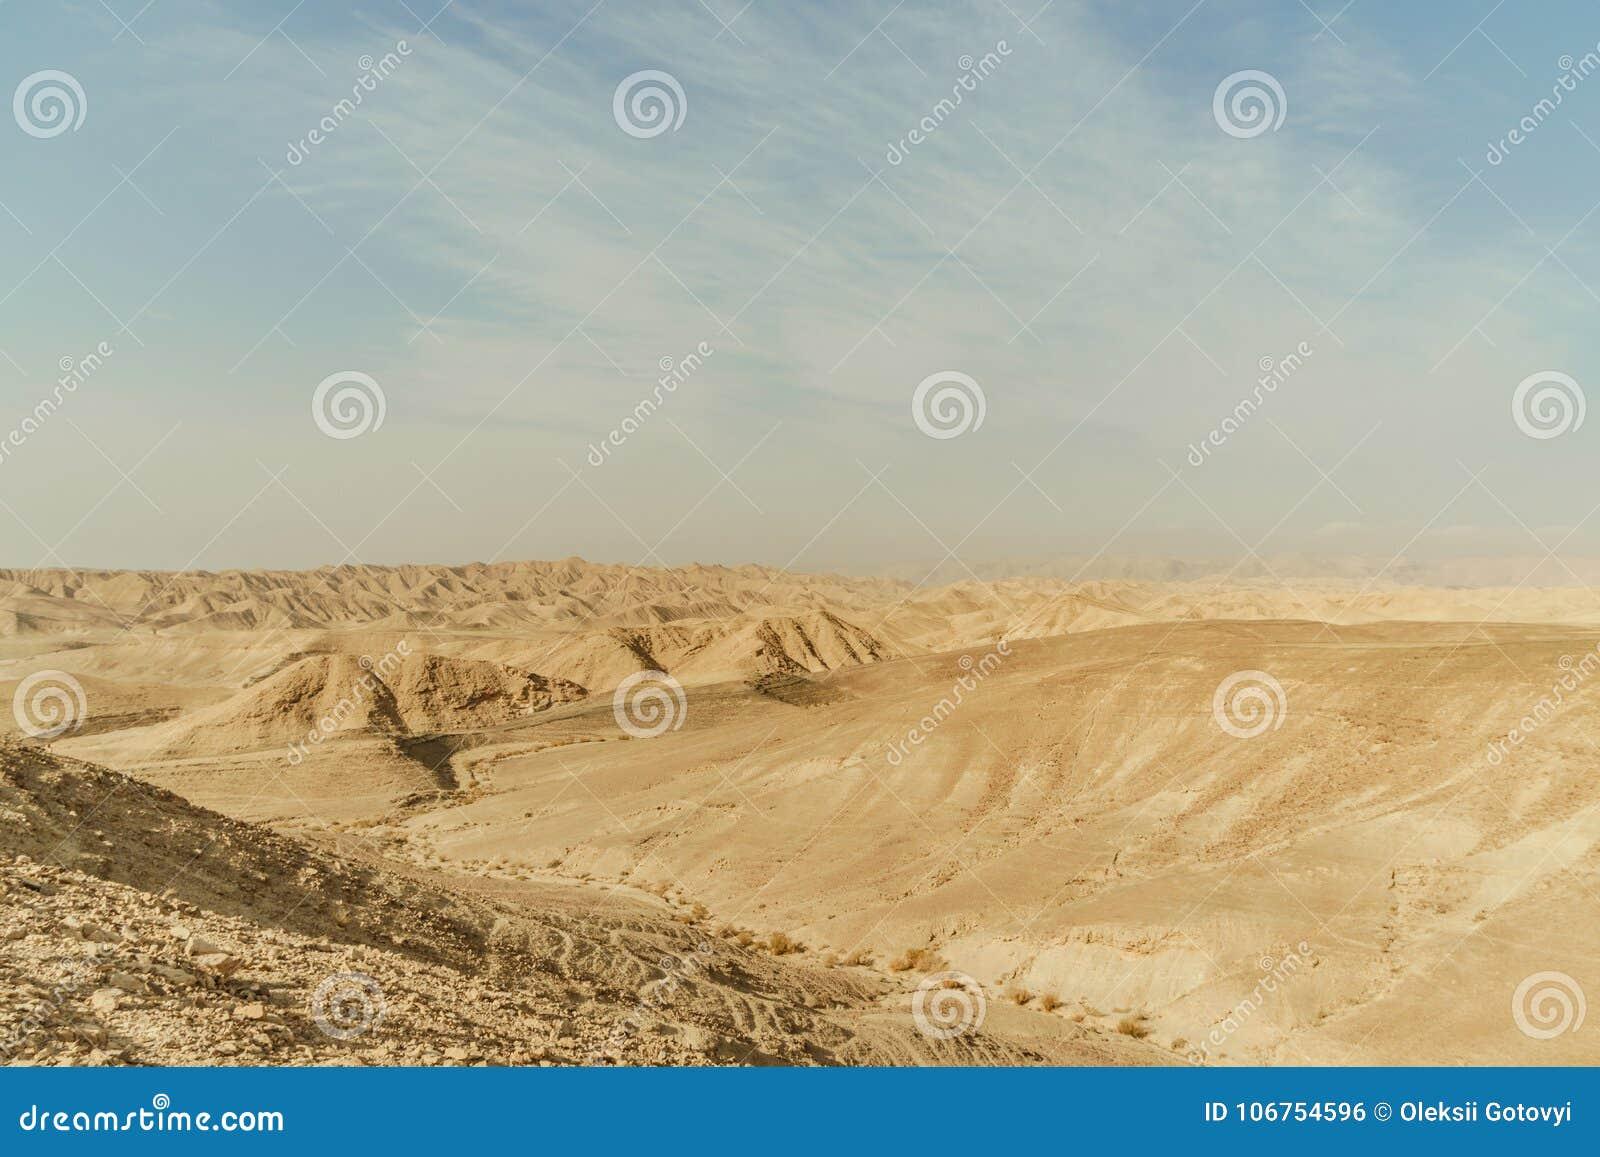 山小山干燥沙漠风景在以色列 沙子、岩石和石头谷在热的中东旅游业地方